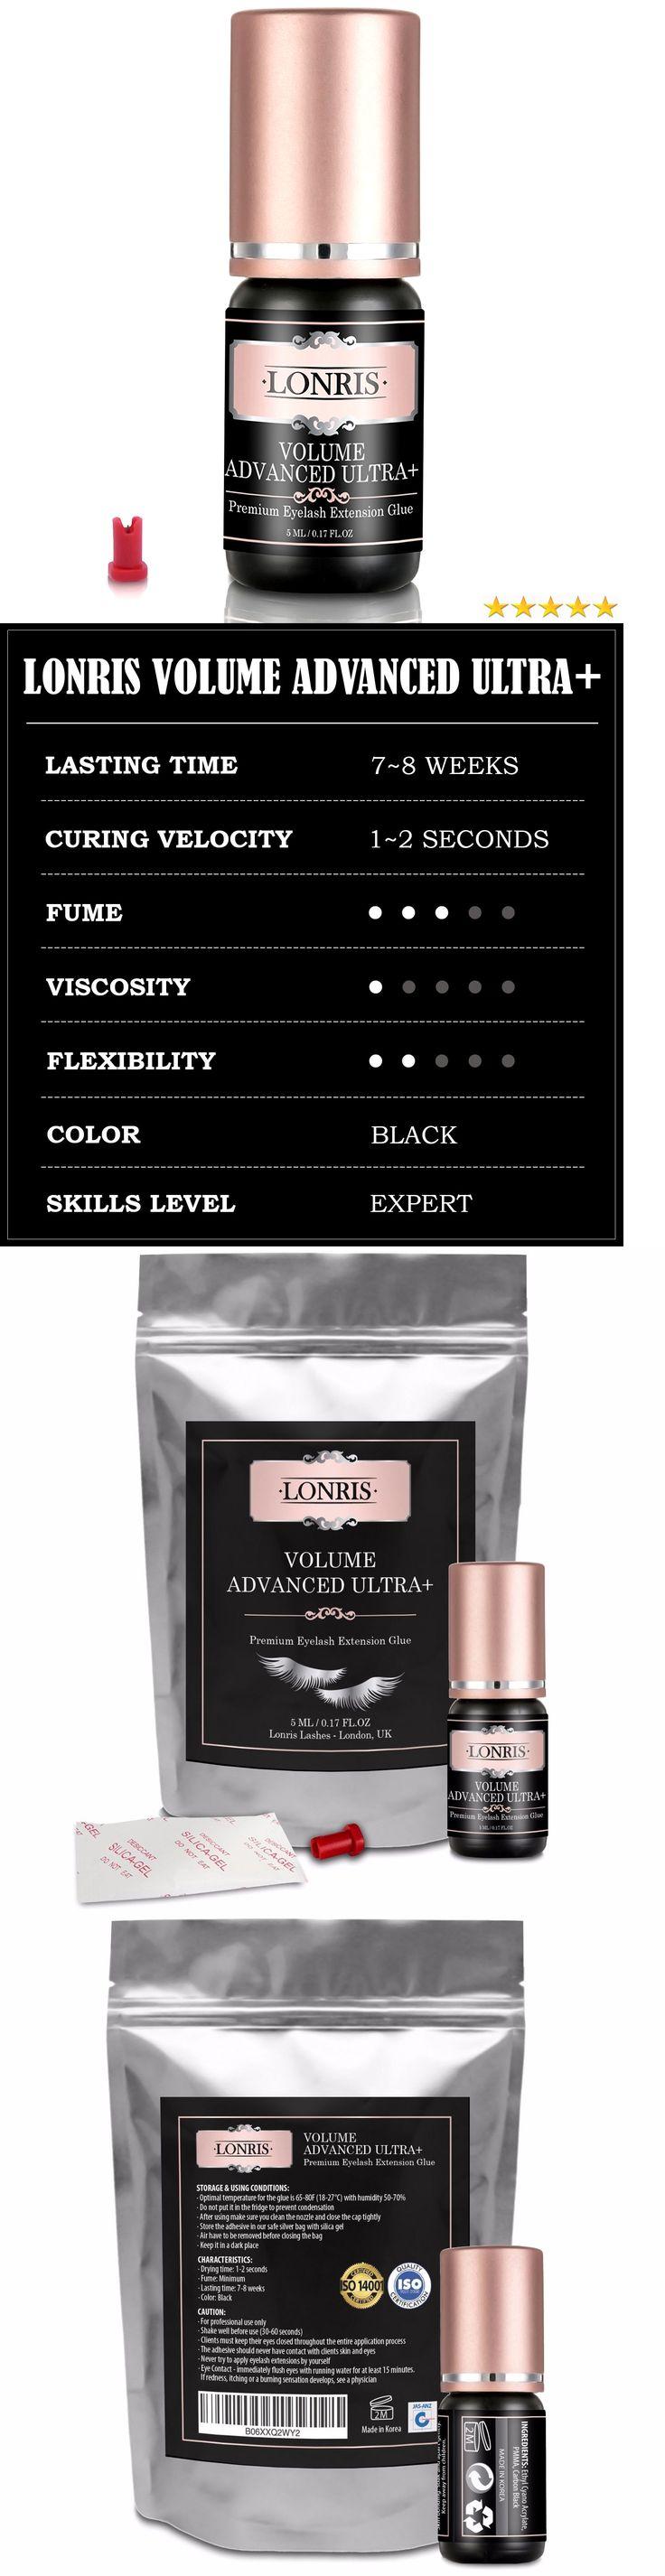 False Eyelashes and Adhesives: Lonris Volume Long Lasting Eyelash Extension Glue Semi Permanent Strong Adhesive -> BUY IT NOW ONLY: $34.98 on eBay!